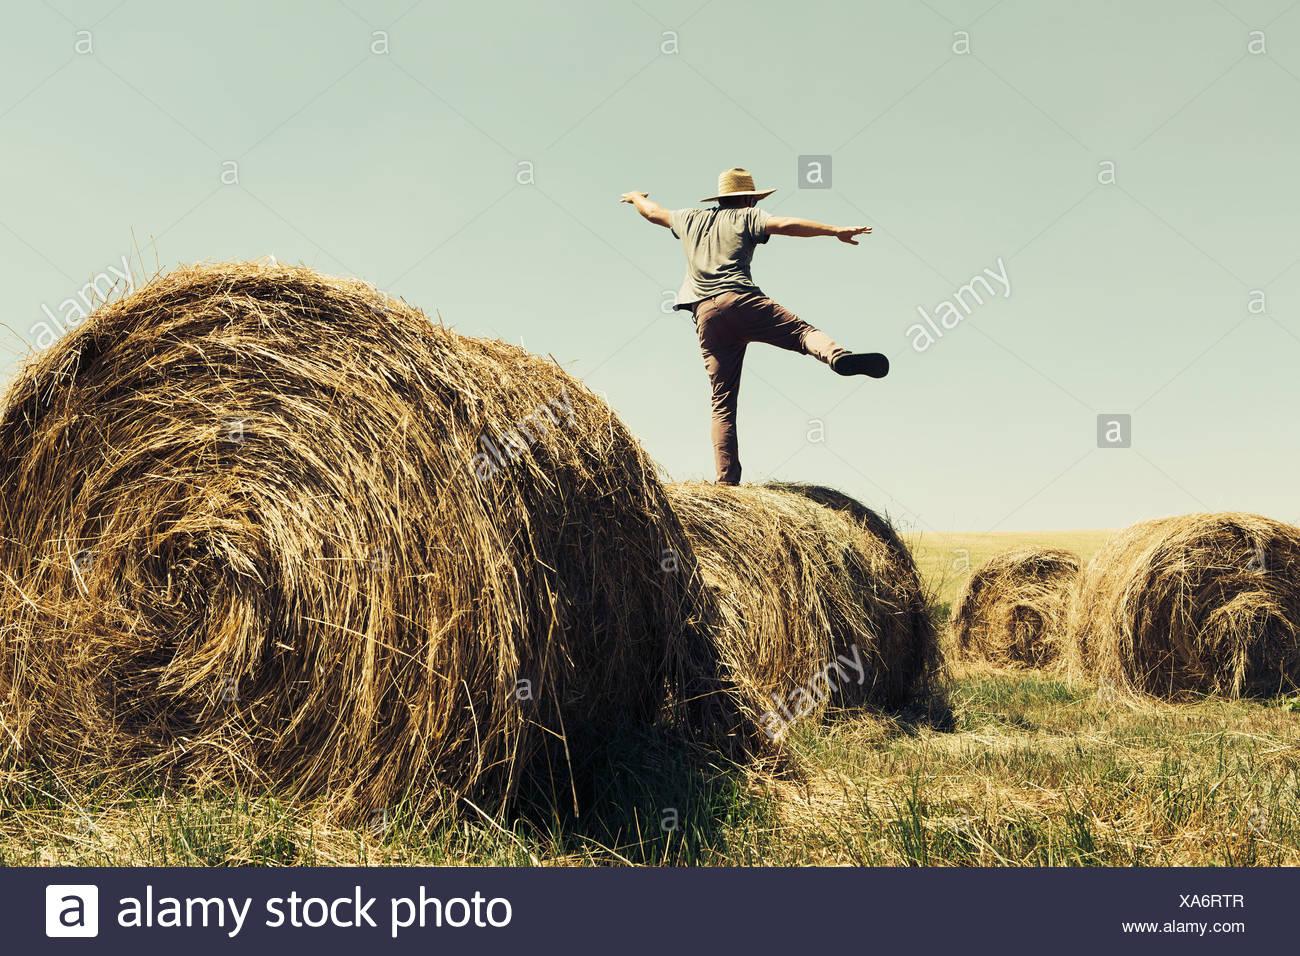 Vue arrière d'un homme en équilibre sur une jambe sur le dessus d'une balle de foin. Banque D'Images